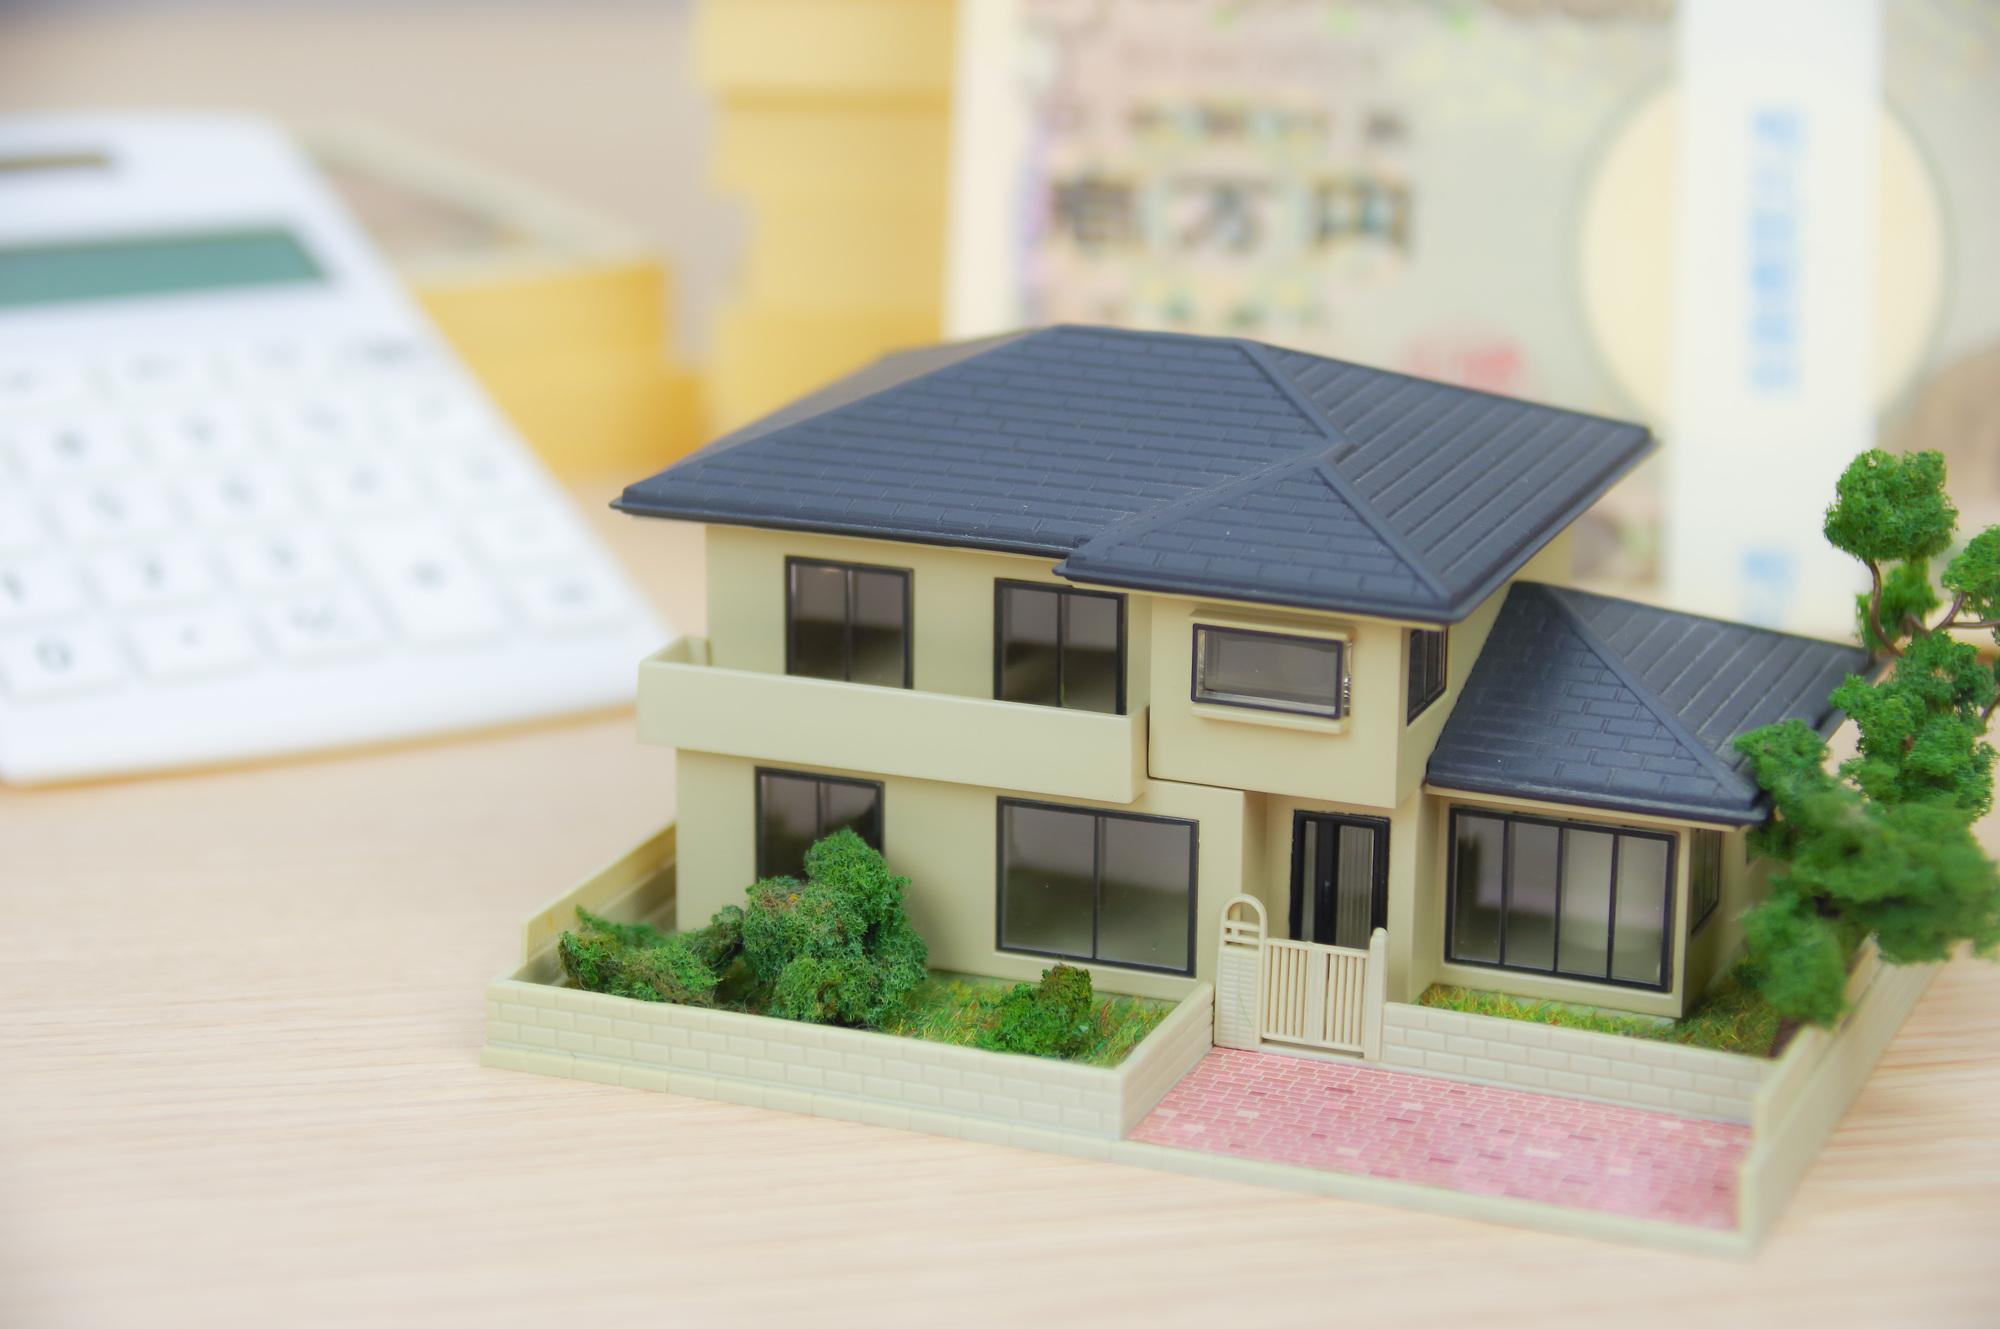 住み替えにかかる手数料の仕組みと金額は?仲介手数料を安くする方法も解説